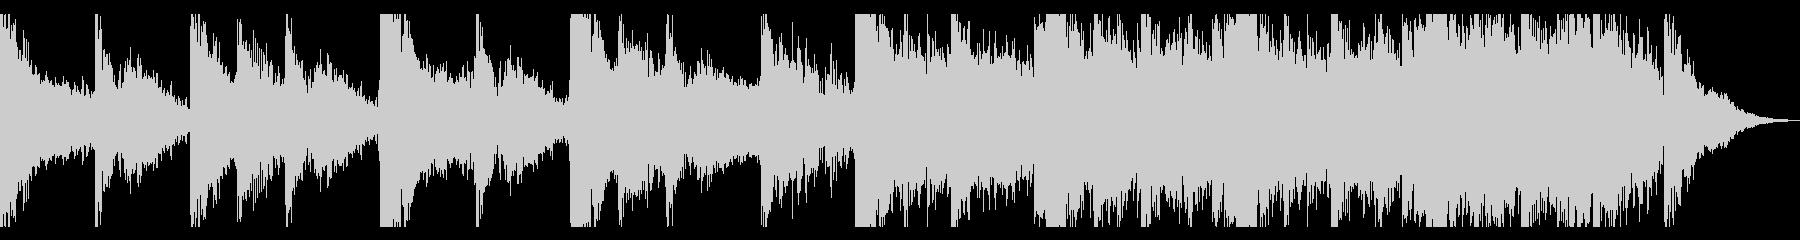 ダークシネマティックトレーラーの未再生の波形